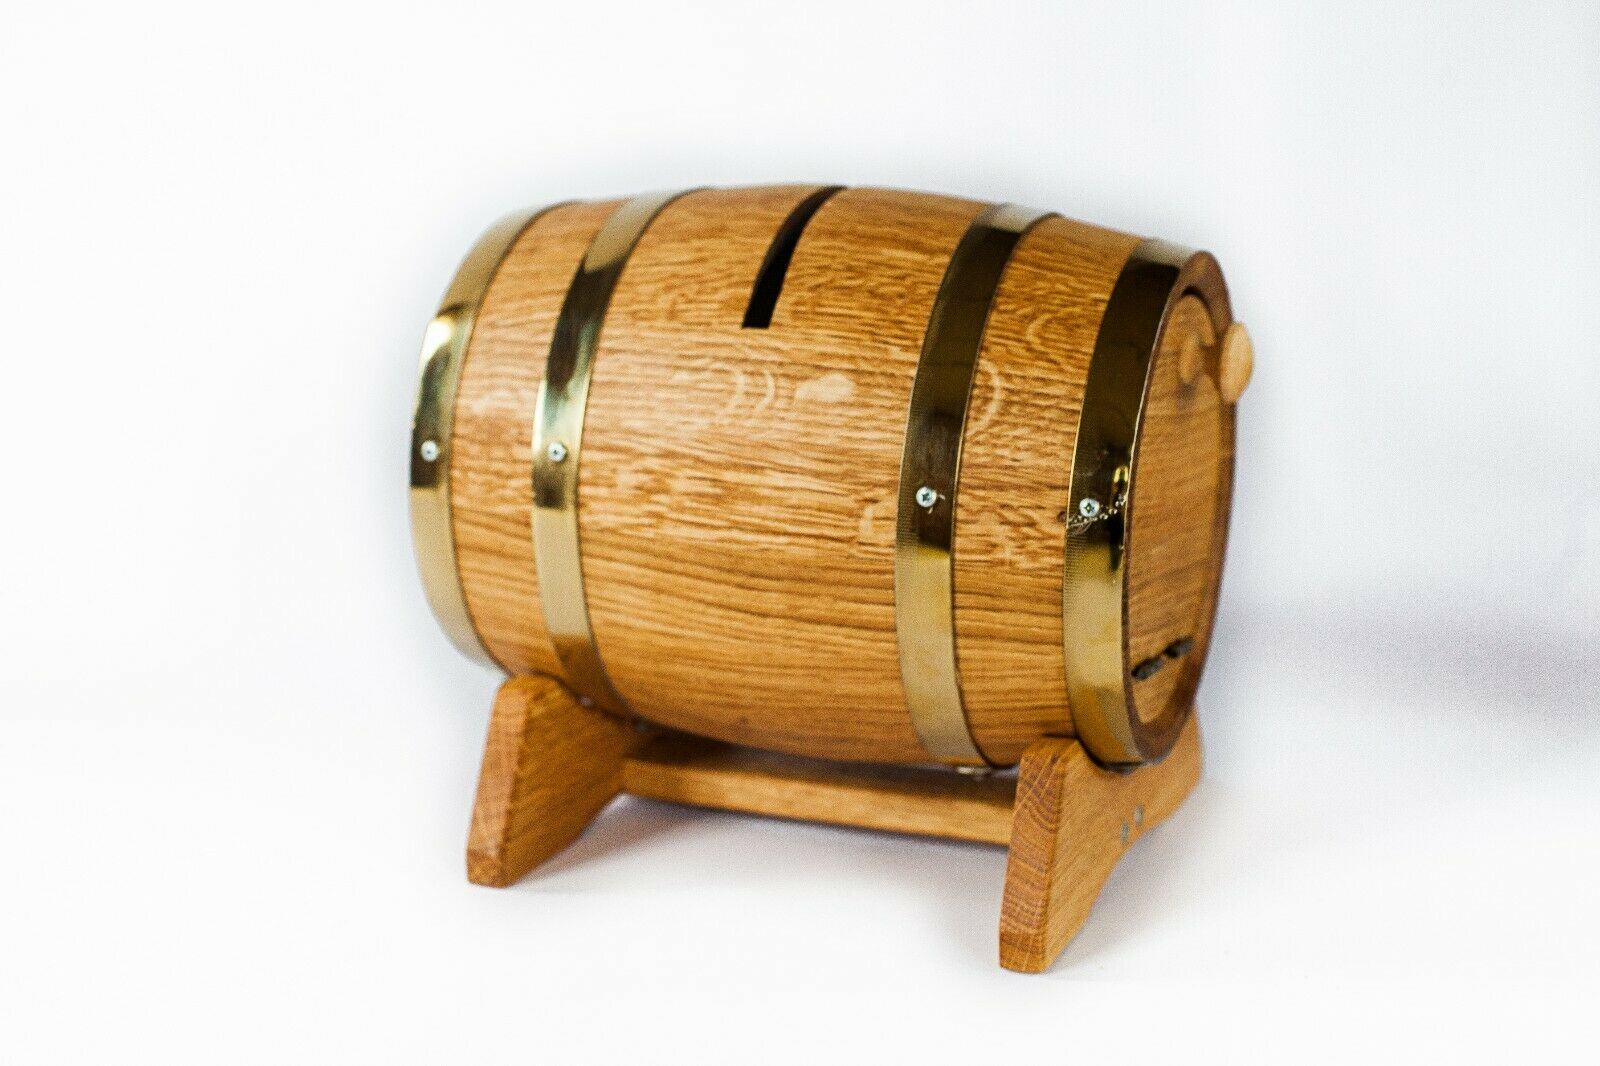 5 L volume Wooden Wooden Wooden wedding barrel post box  - Oak barrel wedding card box 2aca77